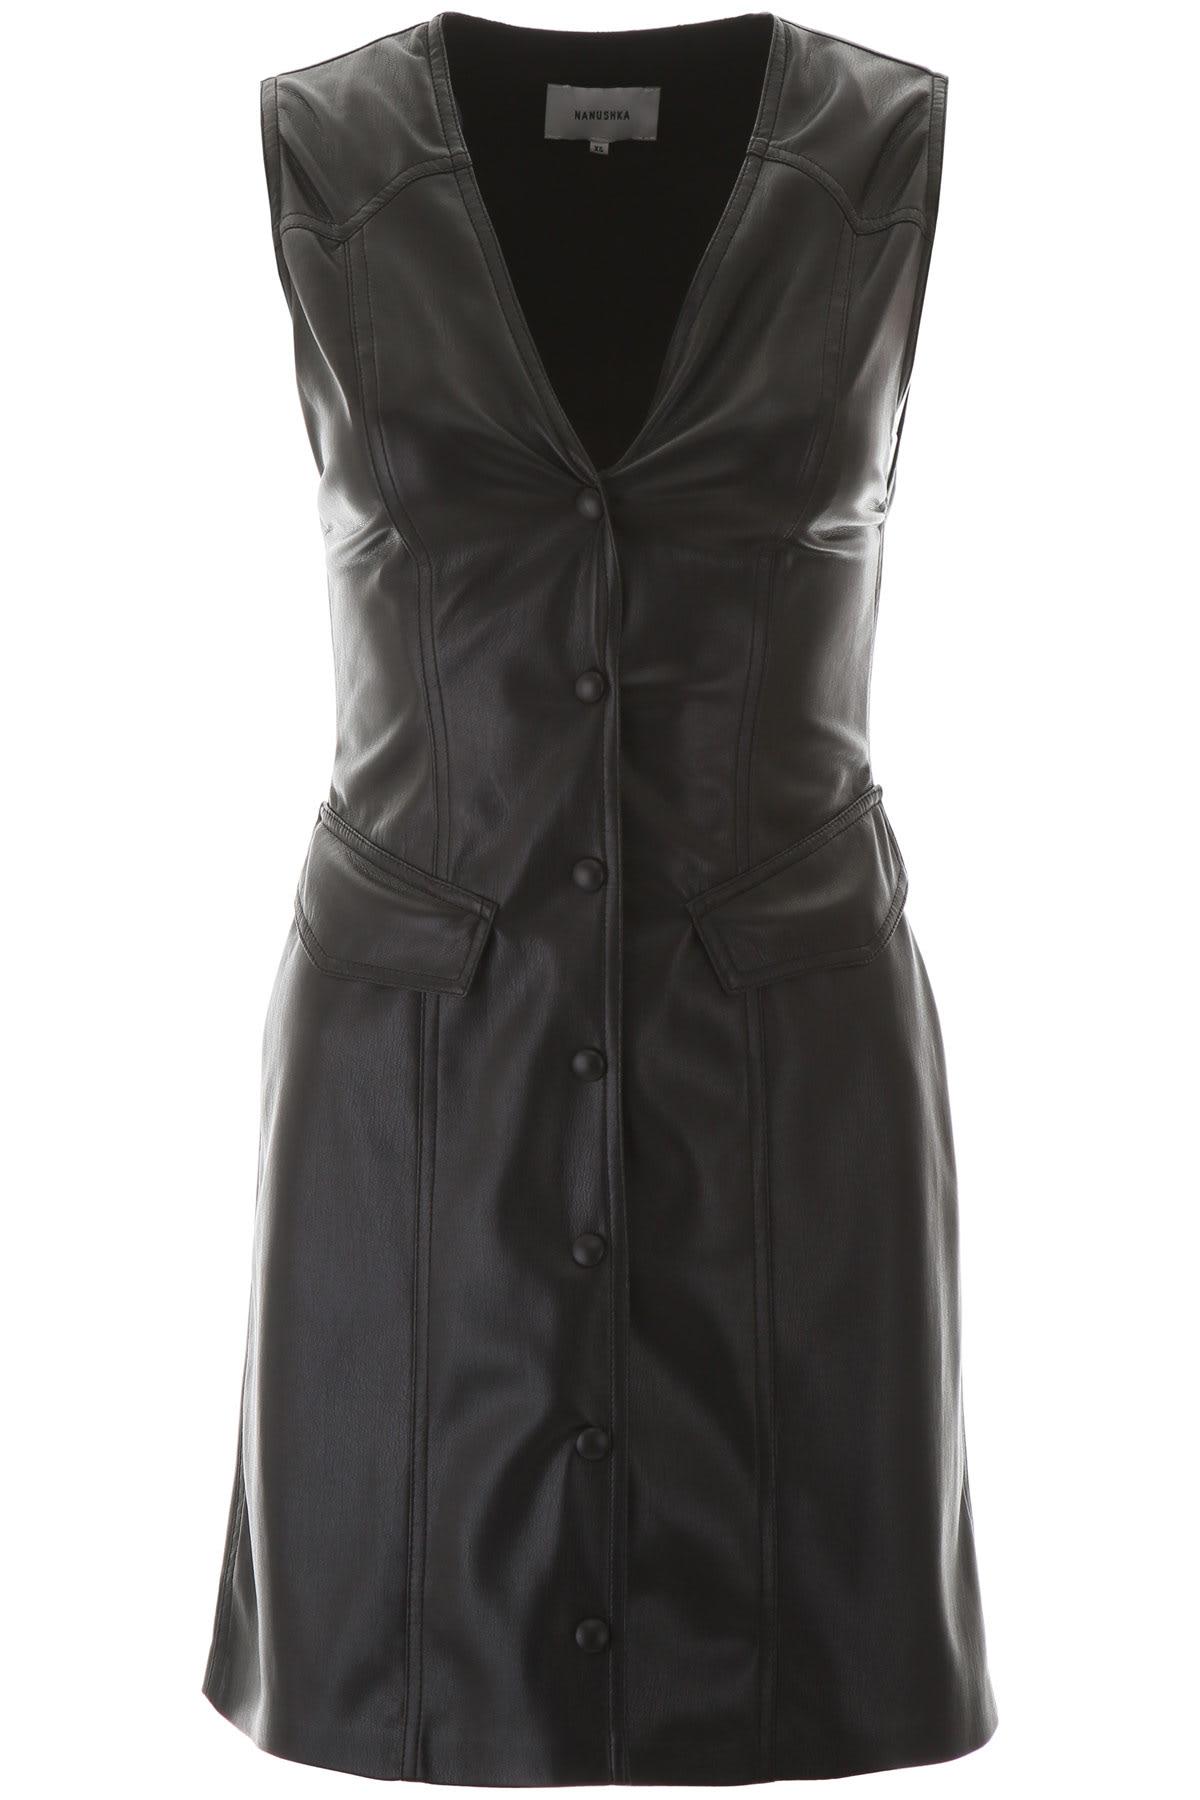 Buy Nanushka Faux Leather Mini Dress online, shop Nanushka with free shipping